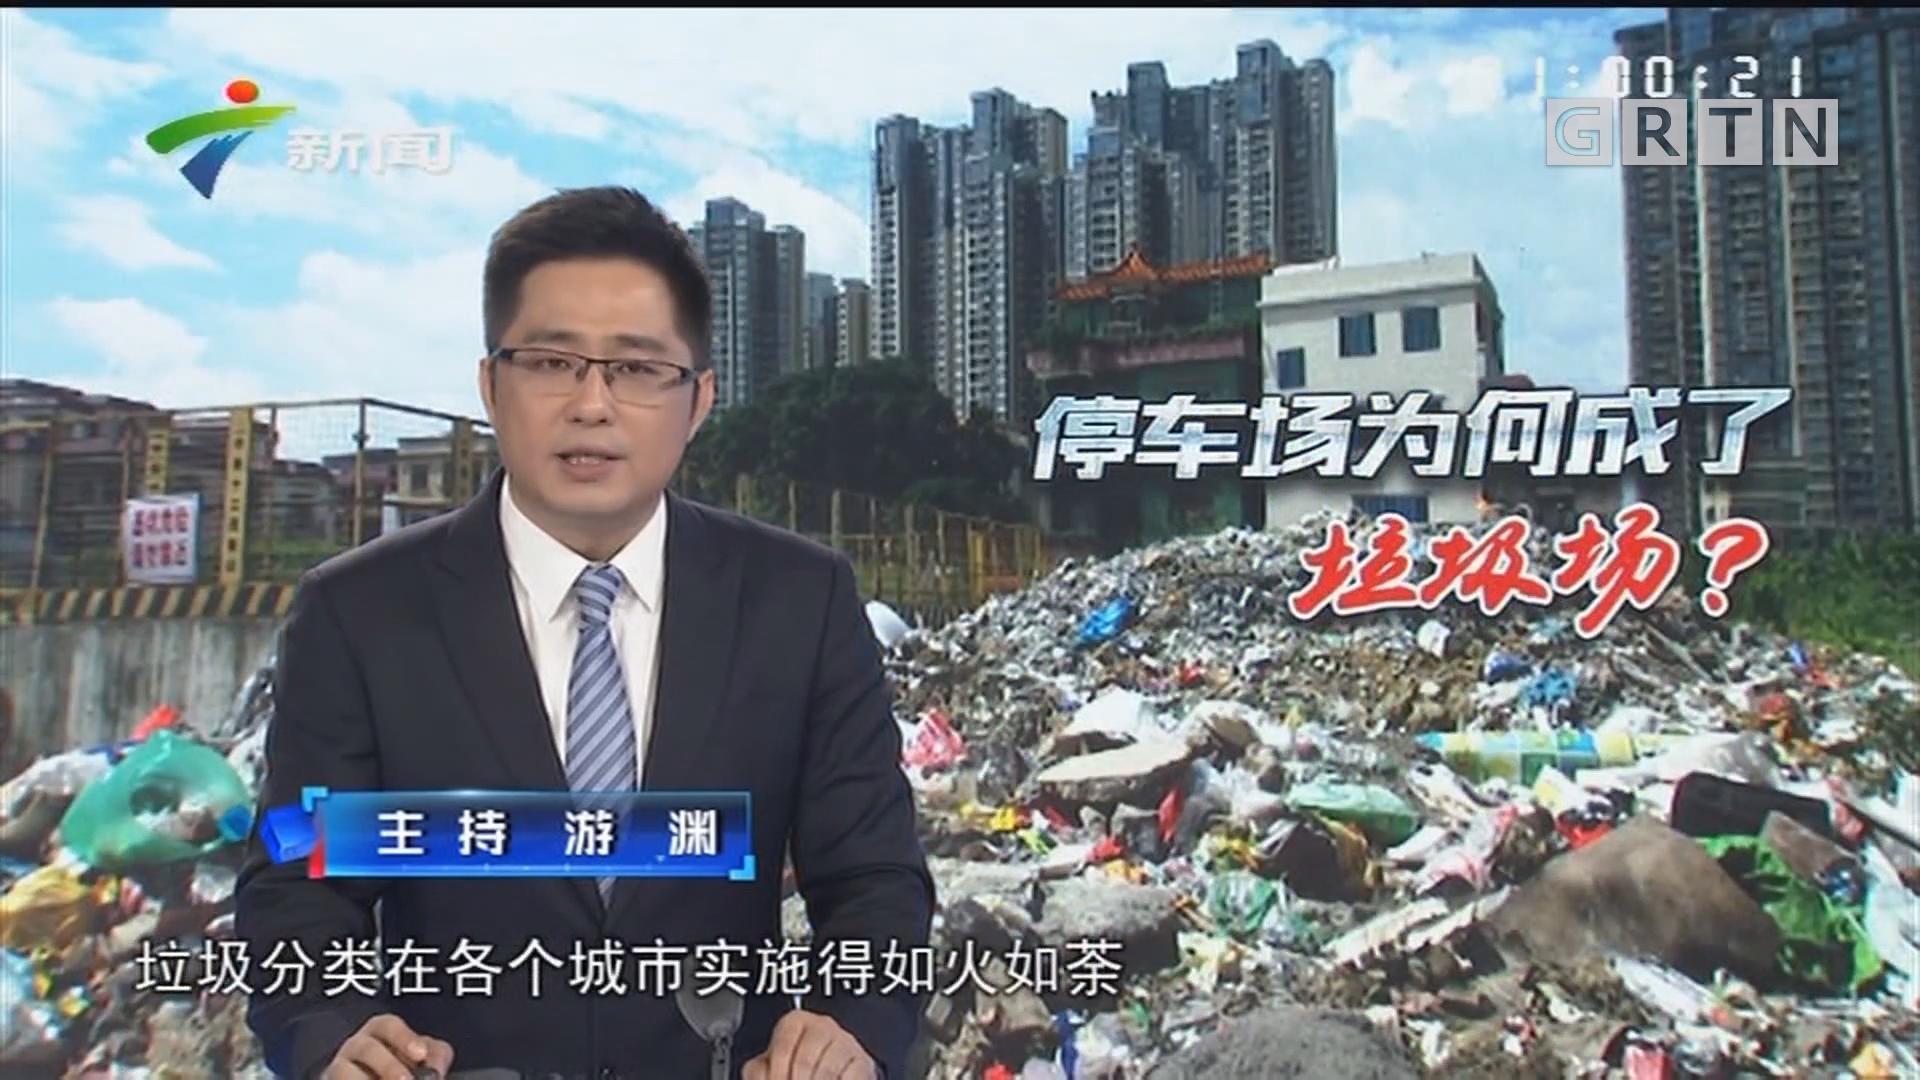 [HD][2019-09-11]社会纵横:佛山顺德 停车场变垃圾场 村民怨声载道